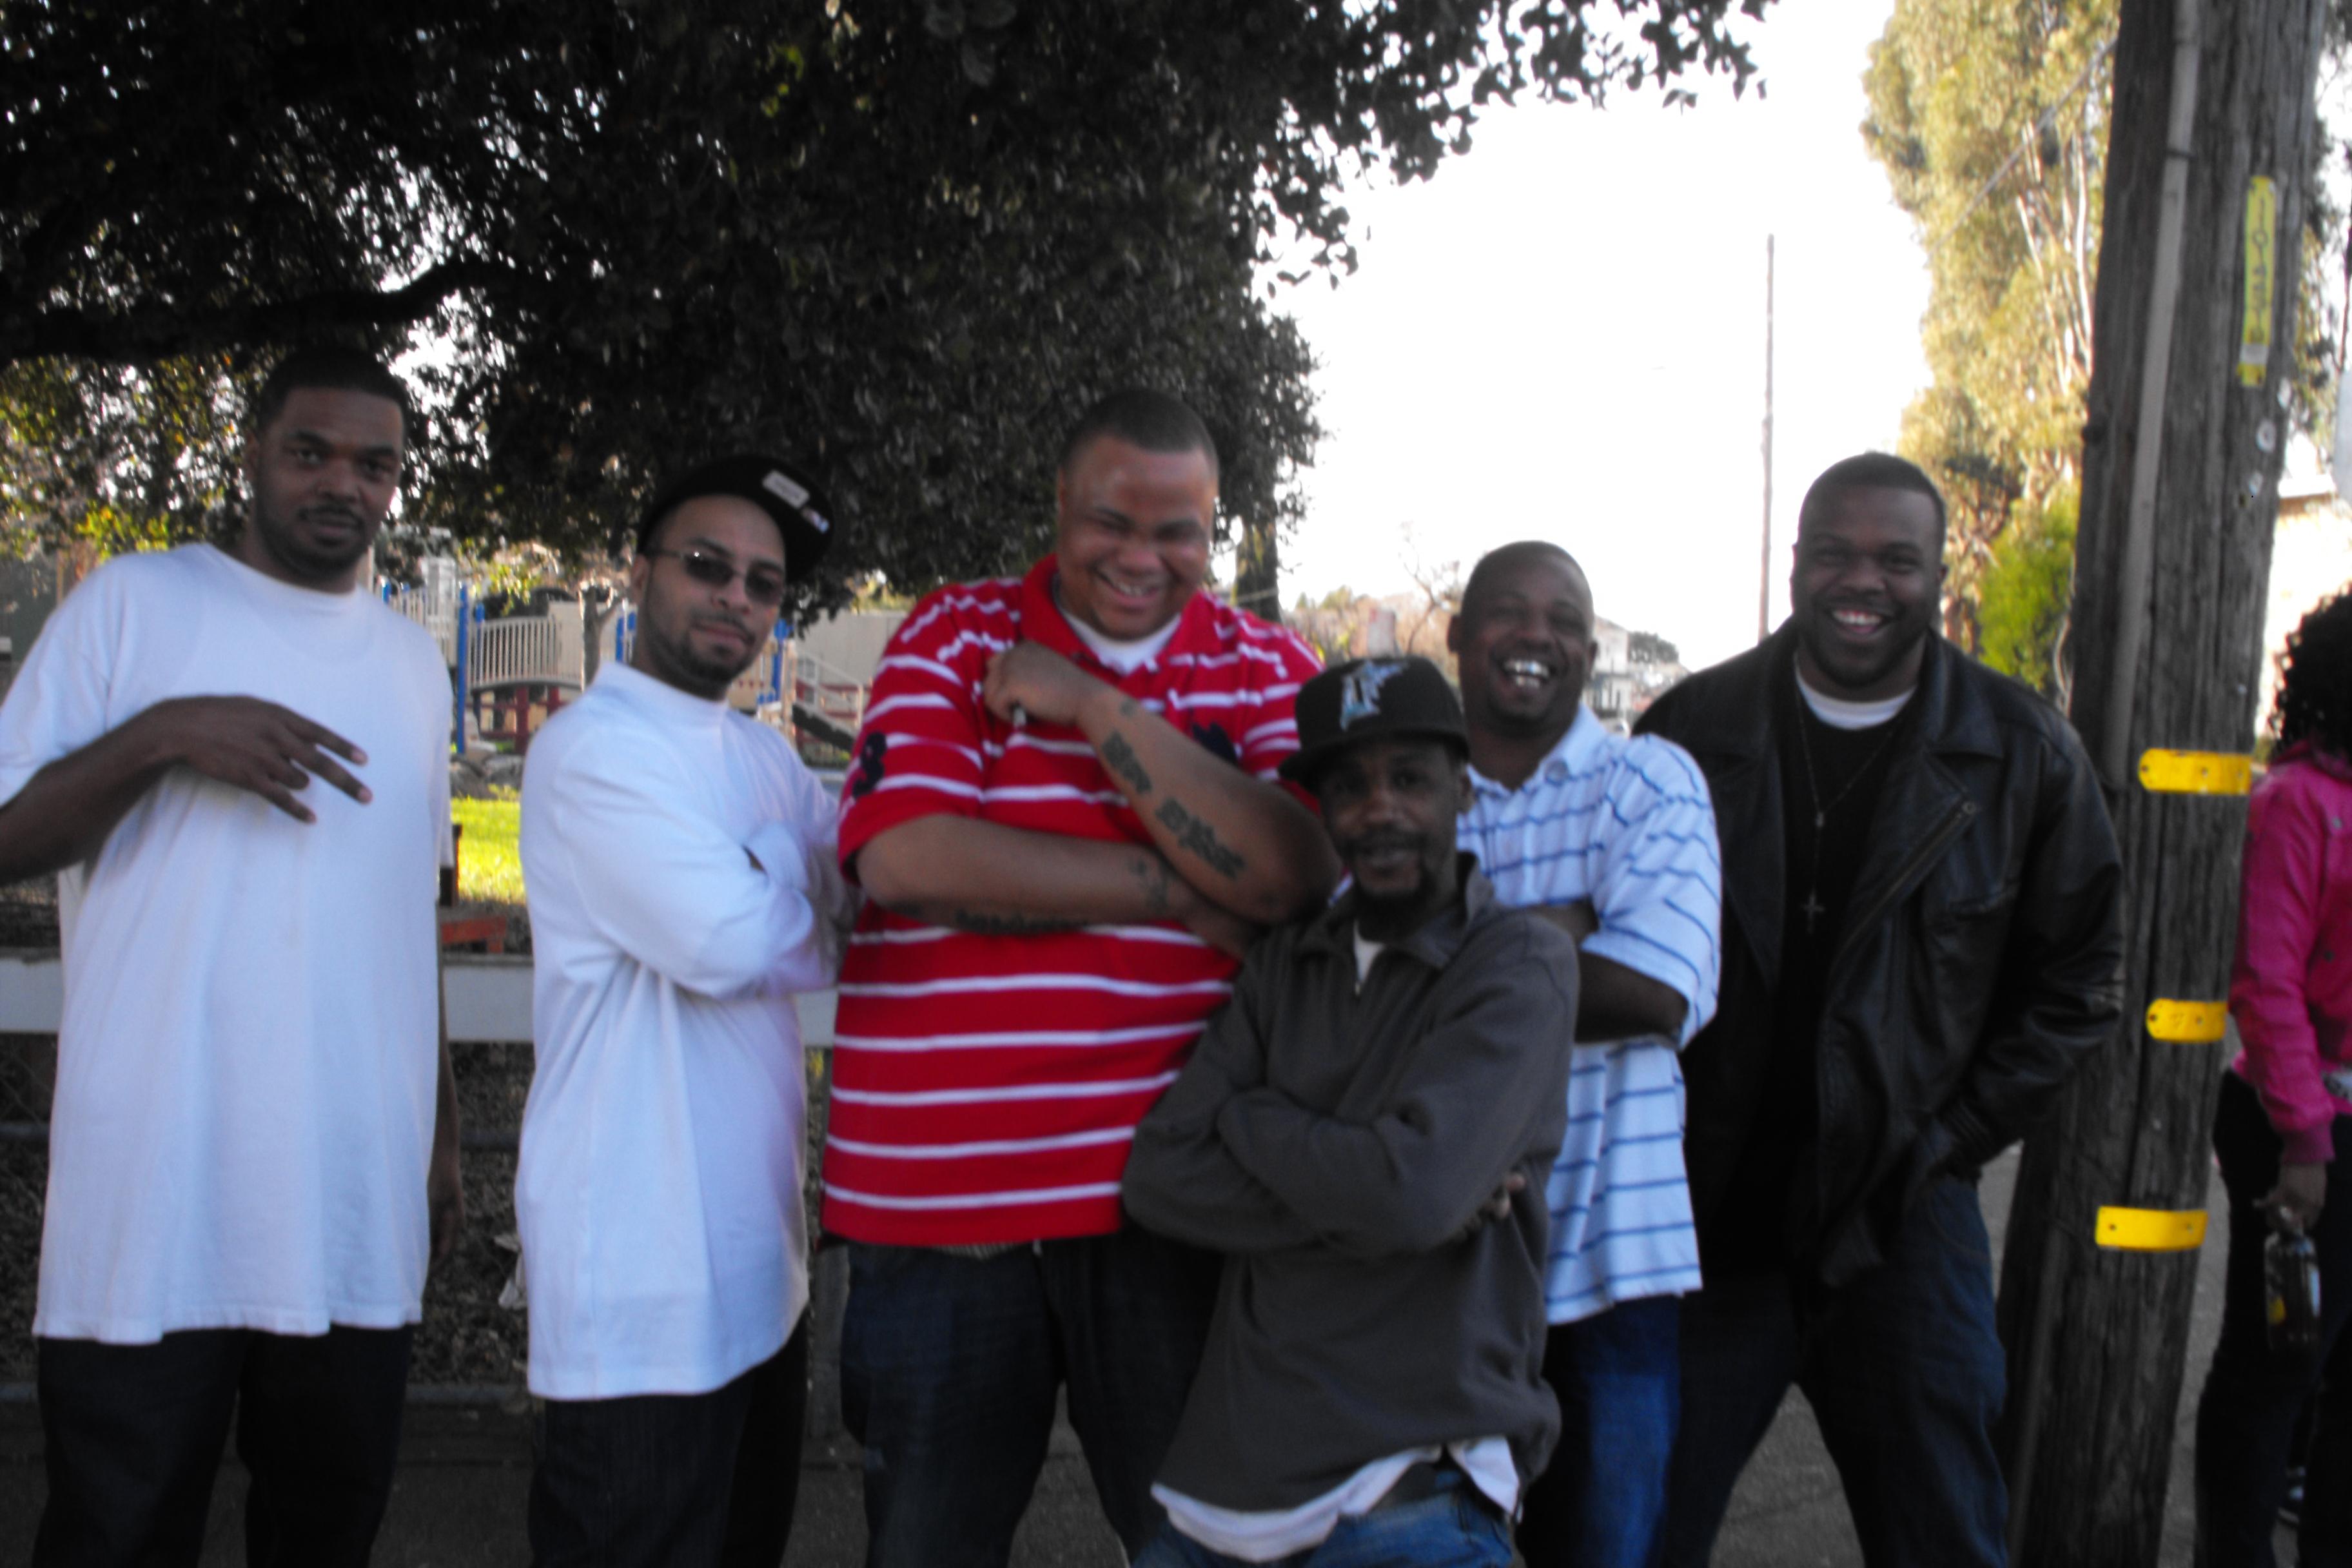 Drag Bingo Oakland Dscf